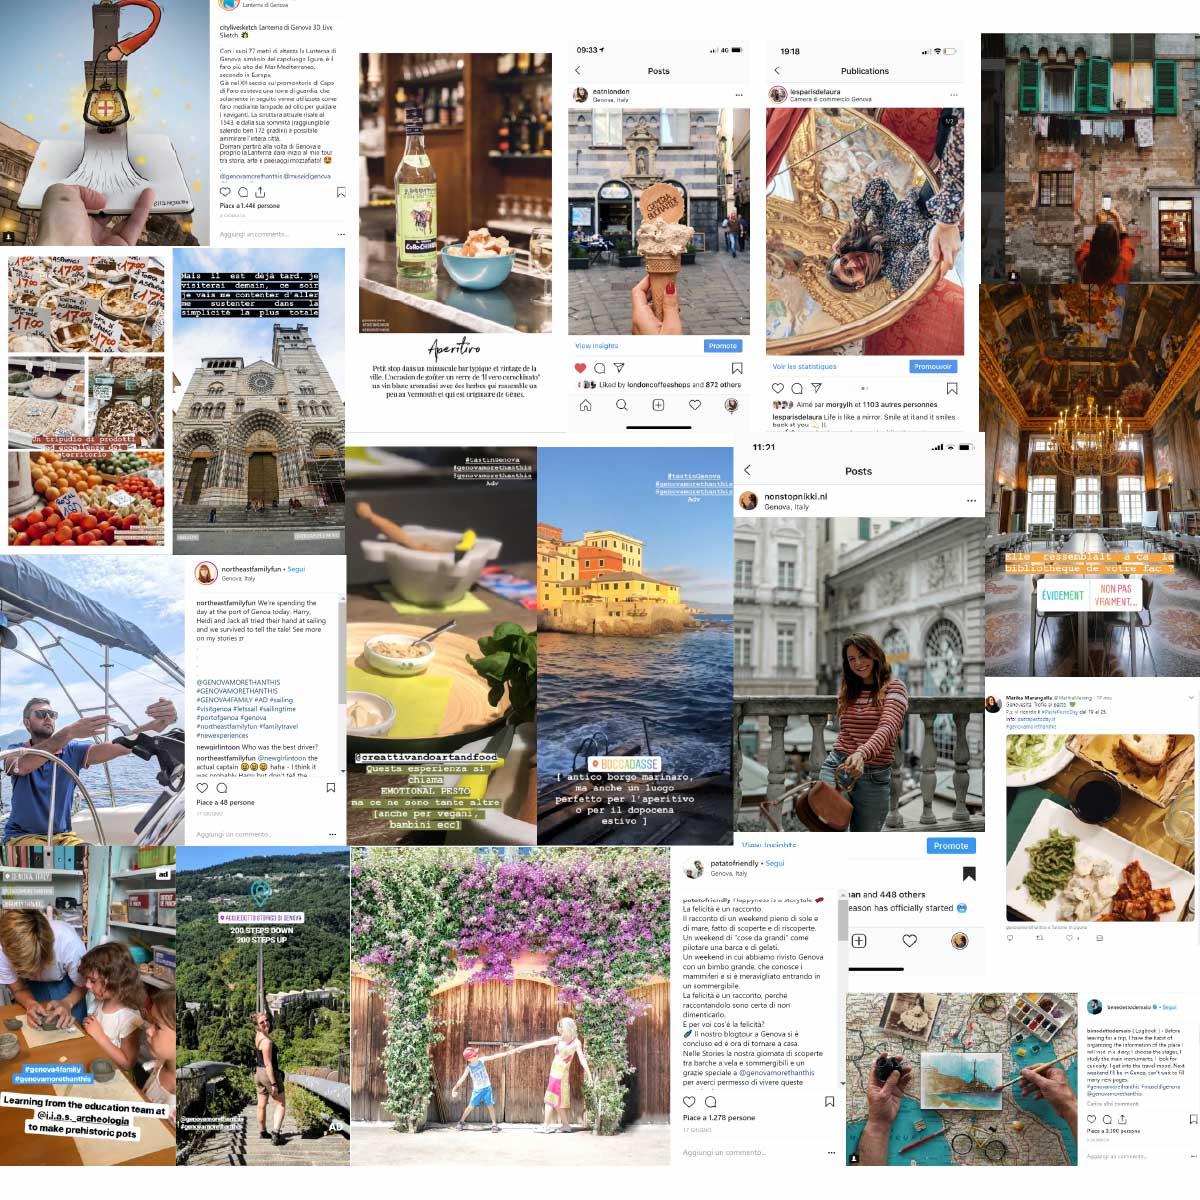 comune-di-genova-influencer-marketing-turismo-influencer-marketing-1